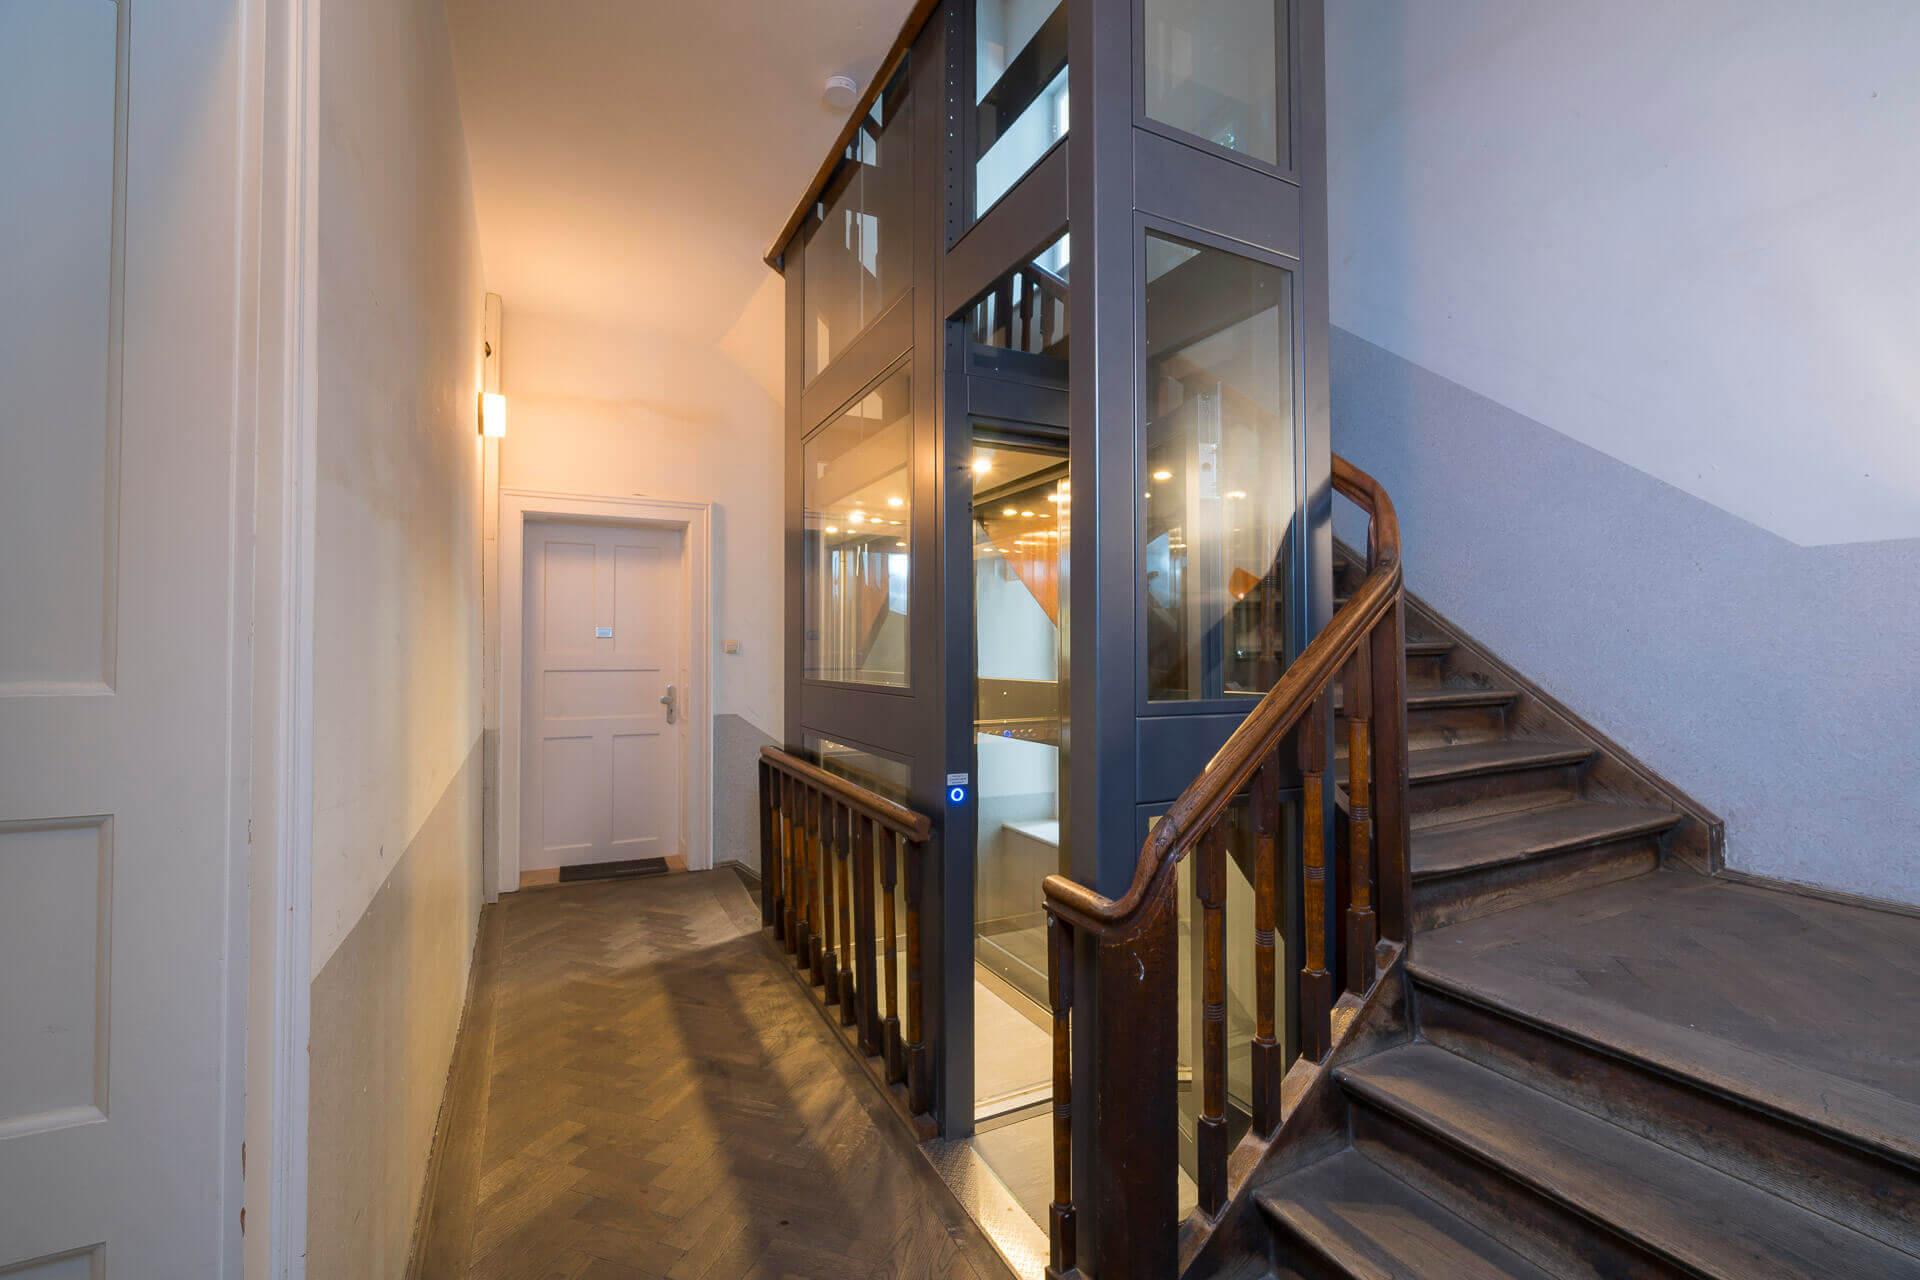 Ascensor eléctrico compacto instalado en el hueco de escalera de un edificio de vecinos